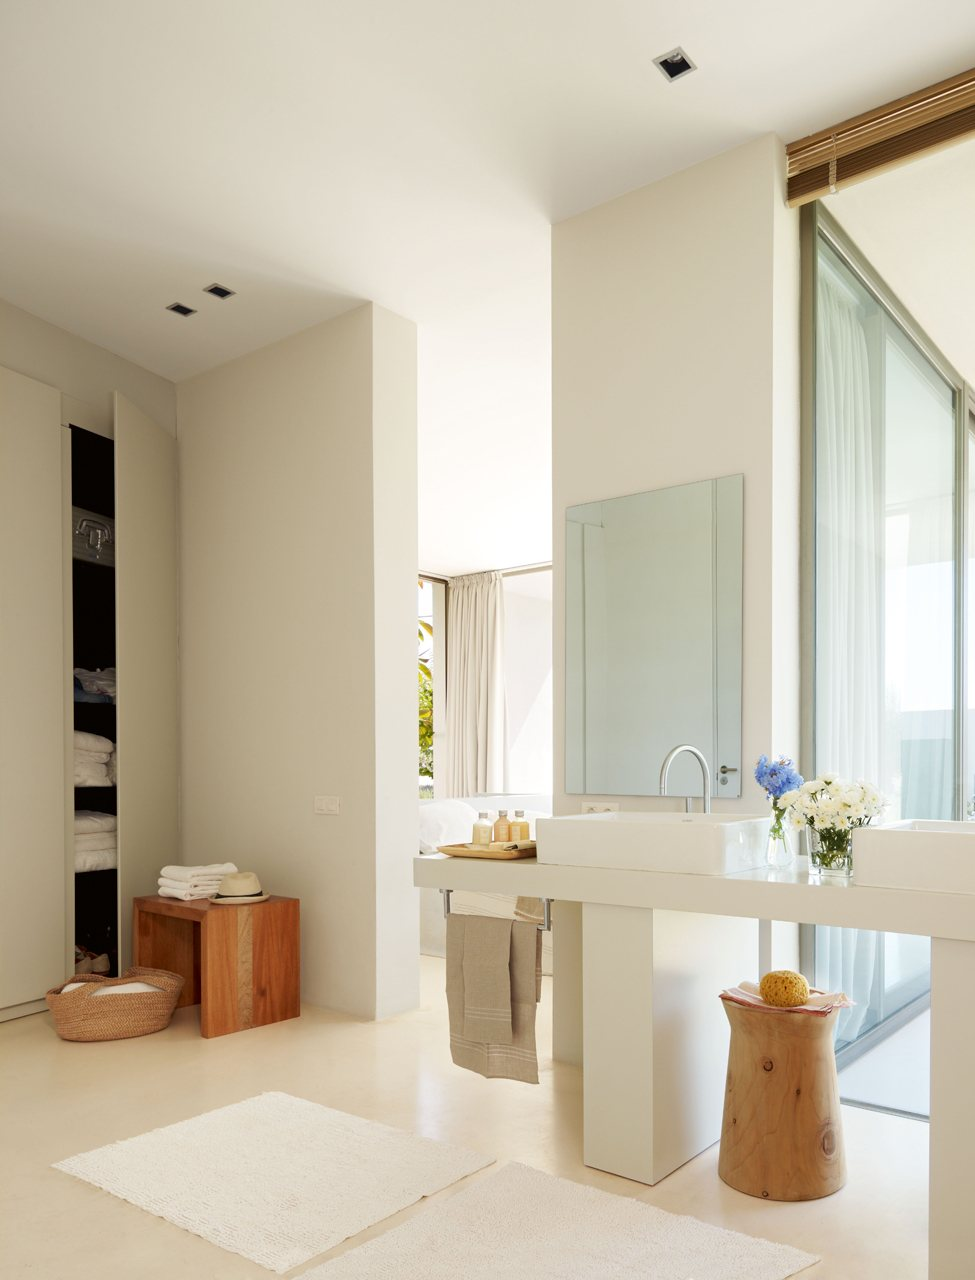 Un ba o grande abierto y sin ba era en ibiza for Dormitorio con bano